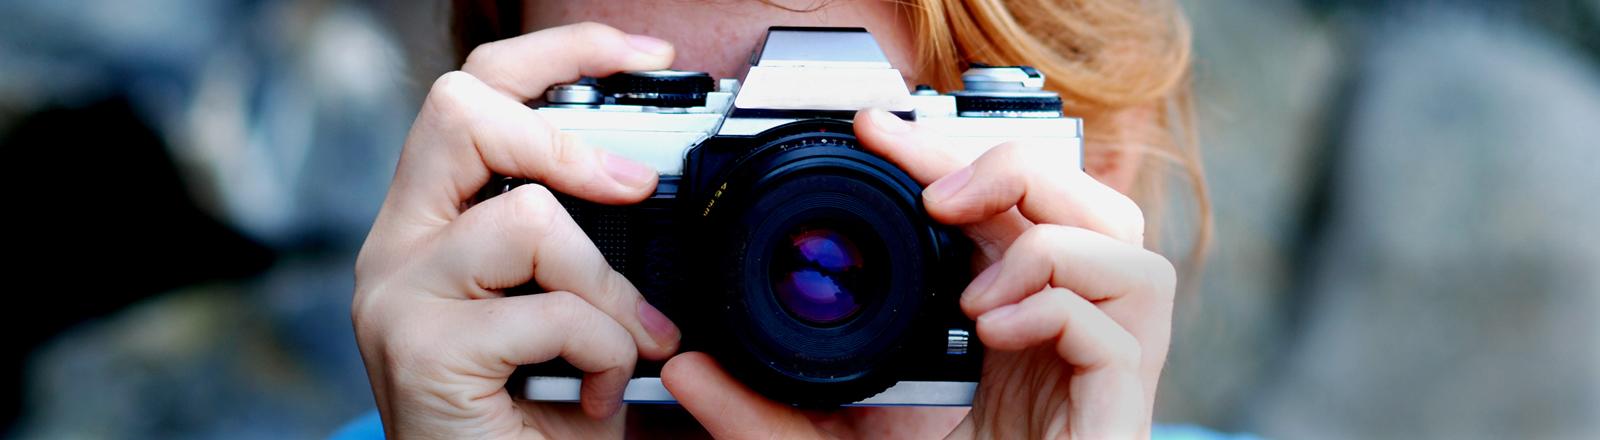 Eine Frau mit einem Fotoapparat vor dem Gesicht.